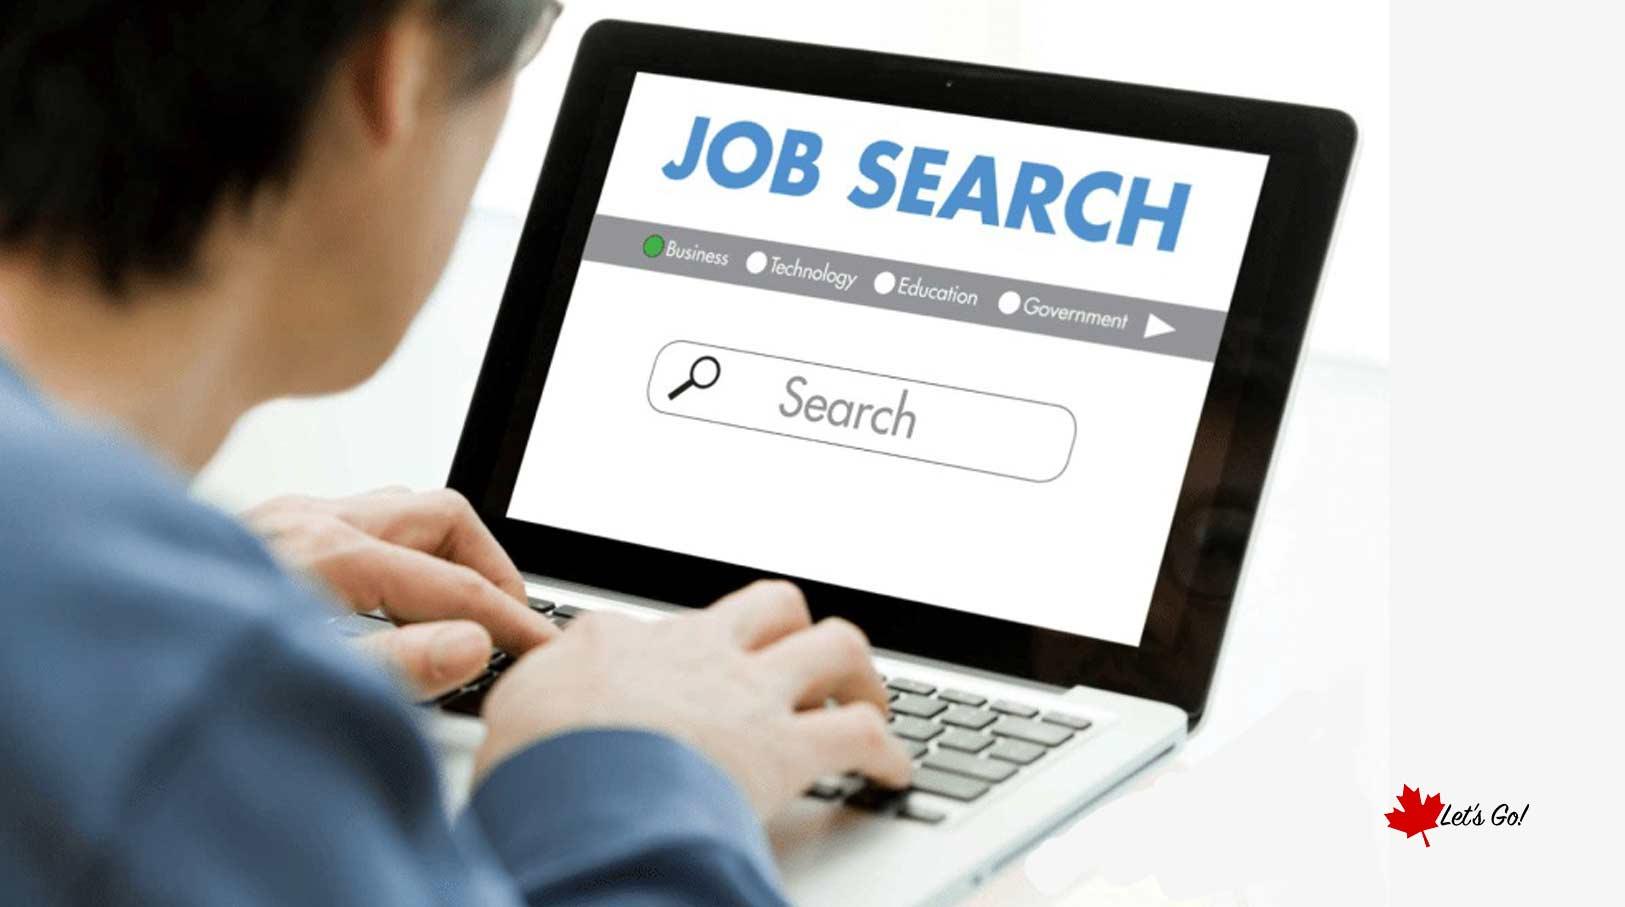 Como fazer um currículo canadense e se sair bem nas entrevistas de emprego?